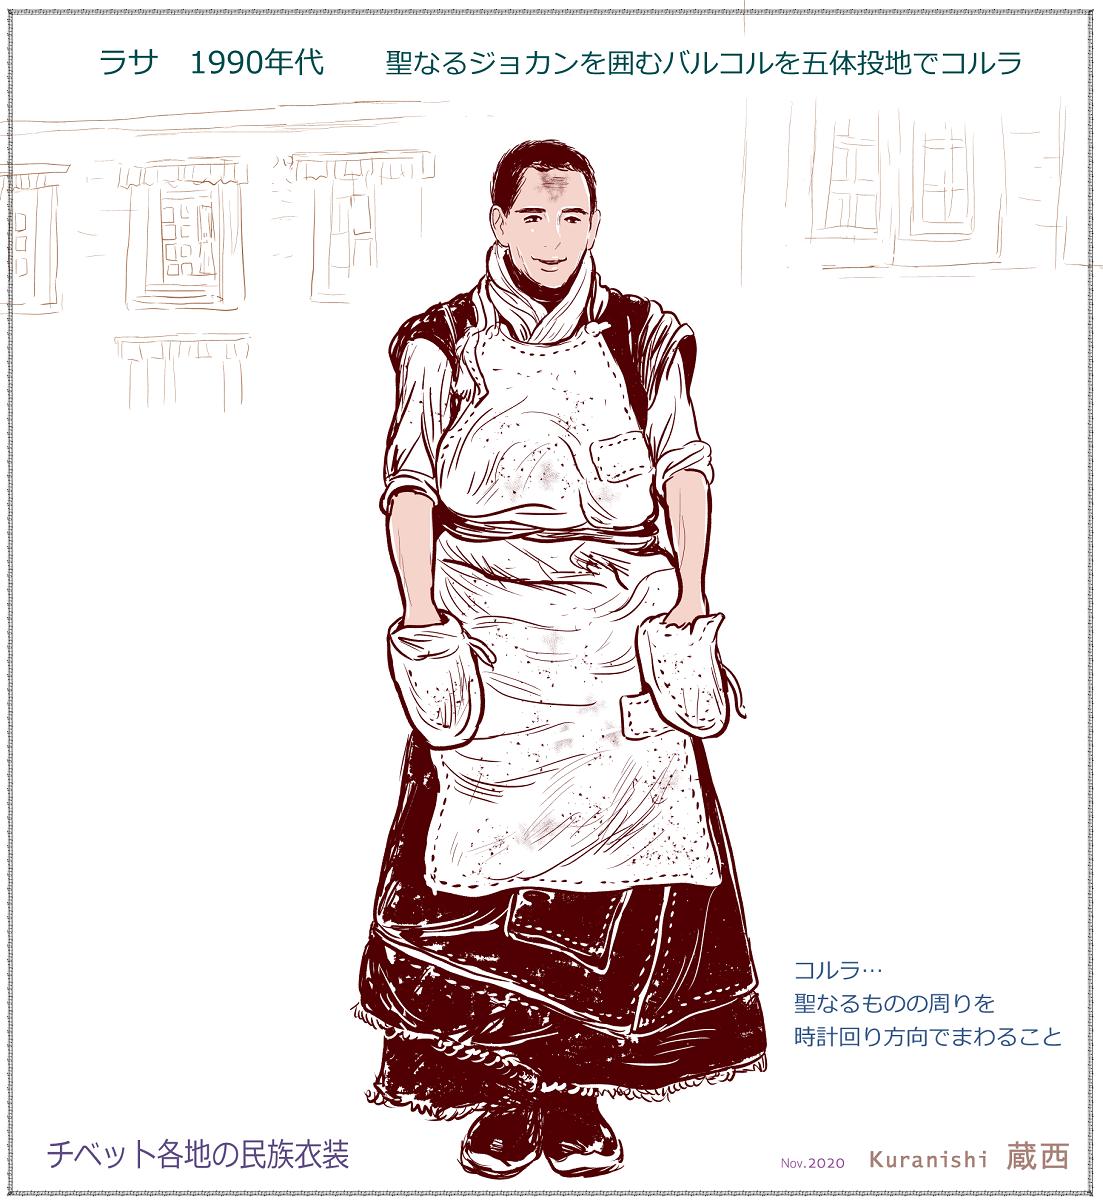 f:id:kuranishitibet:20201128182529p:plain